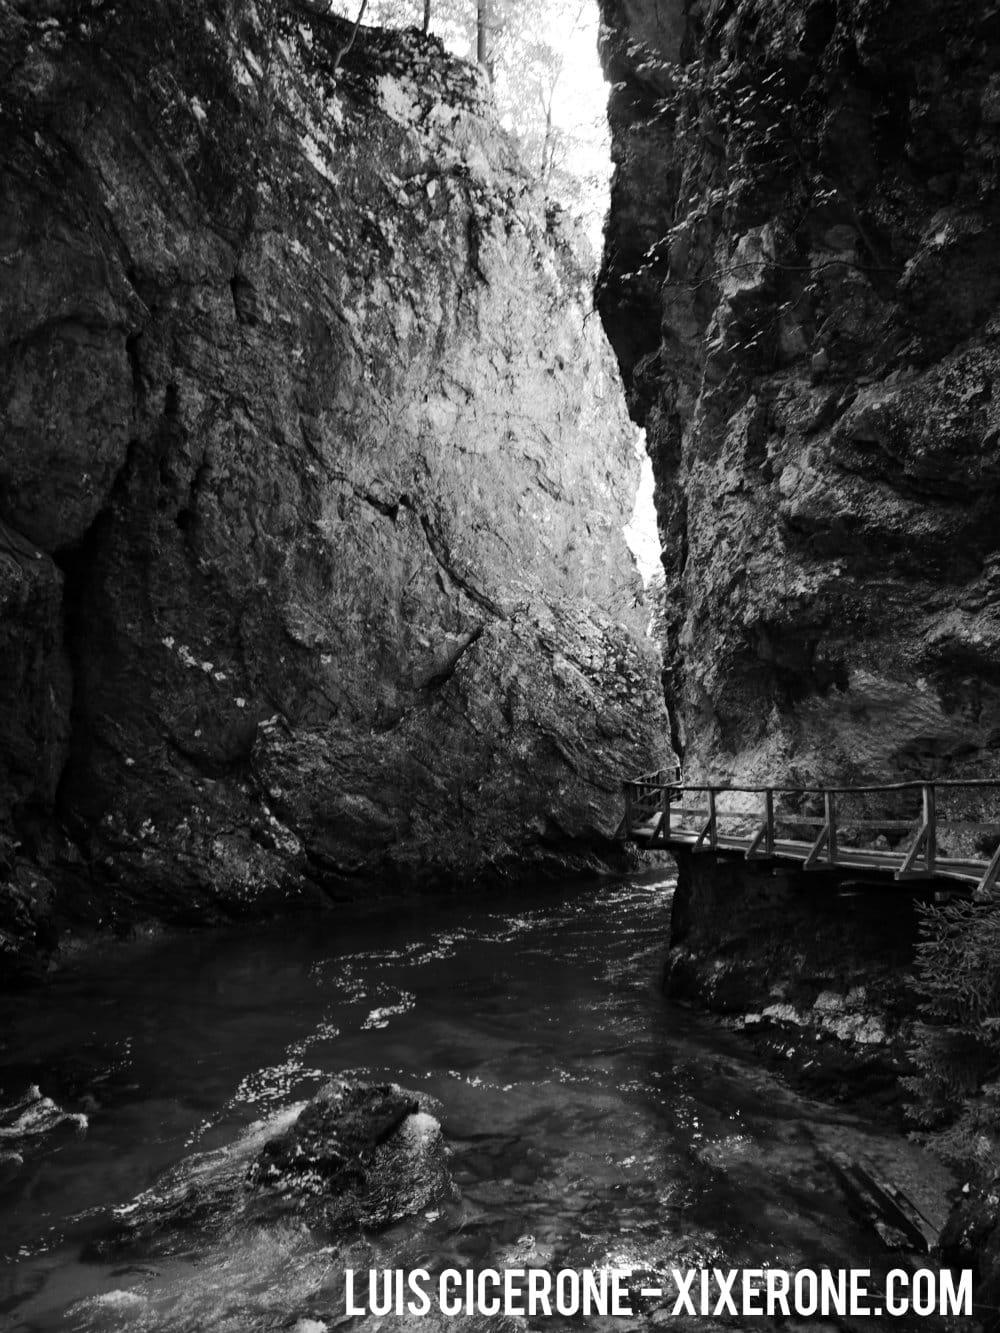 Garganta de Vintgar, Eslovenia - Fotografía de la garganta con la pasarela al lado derecho.